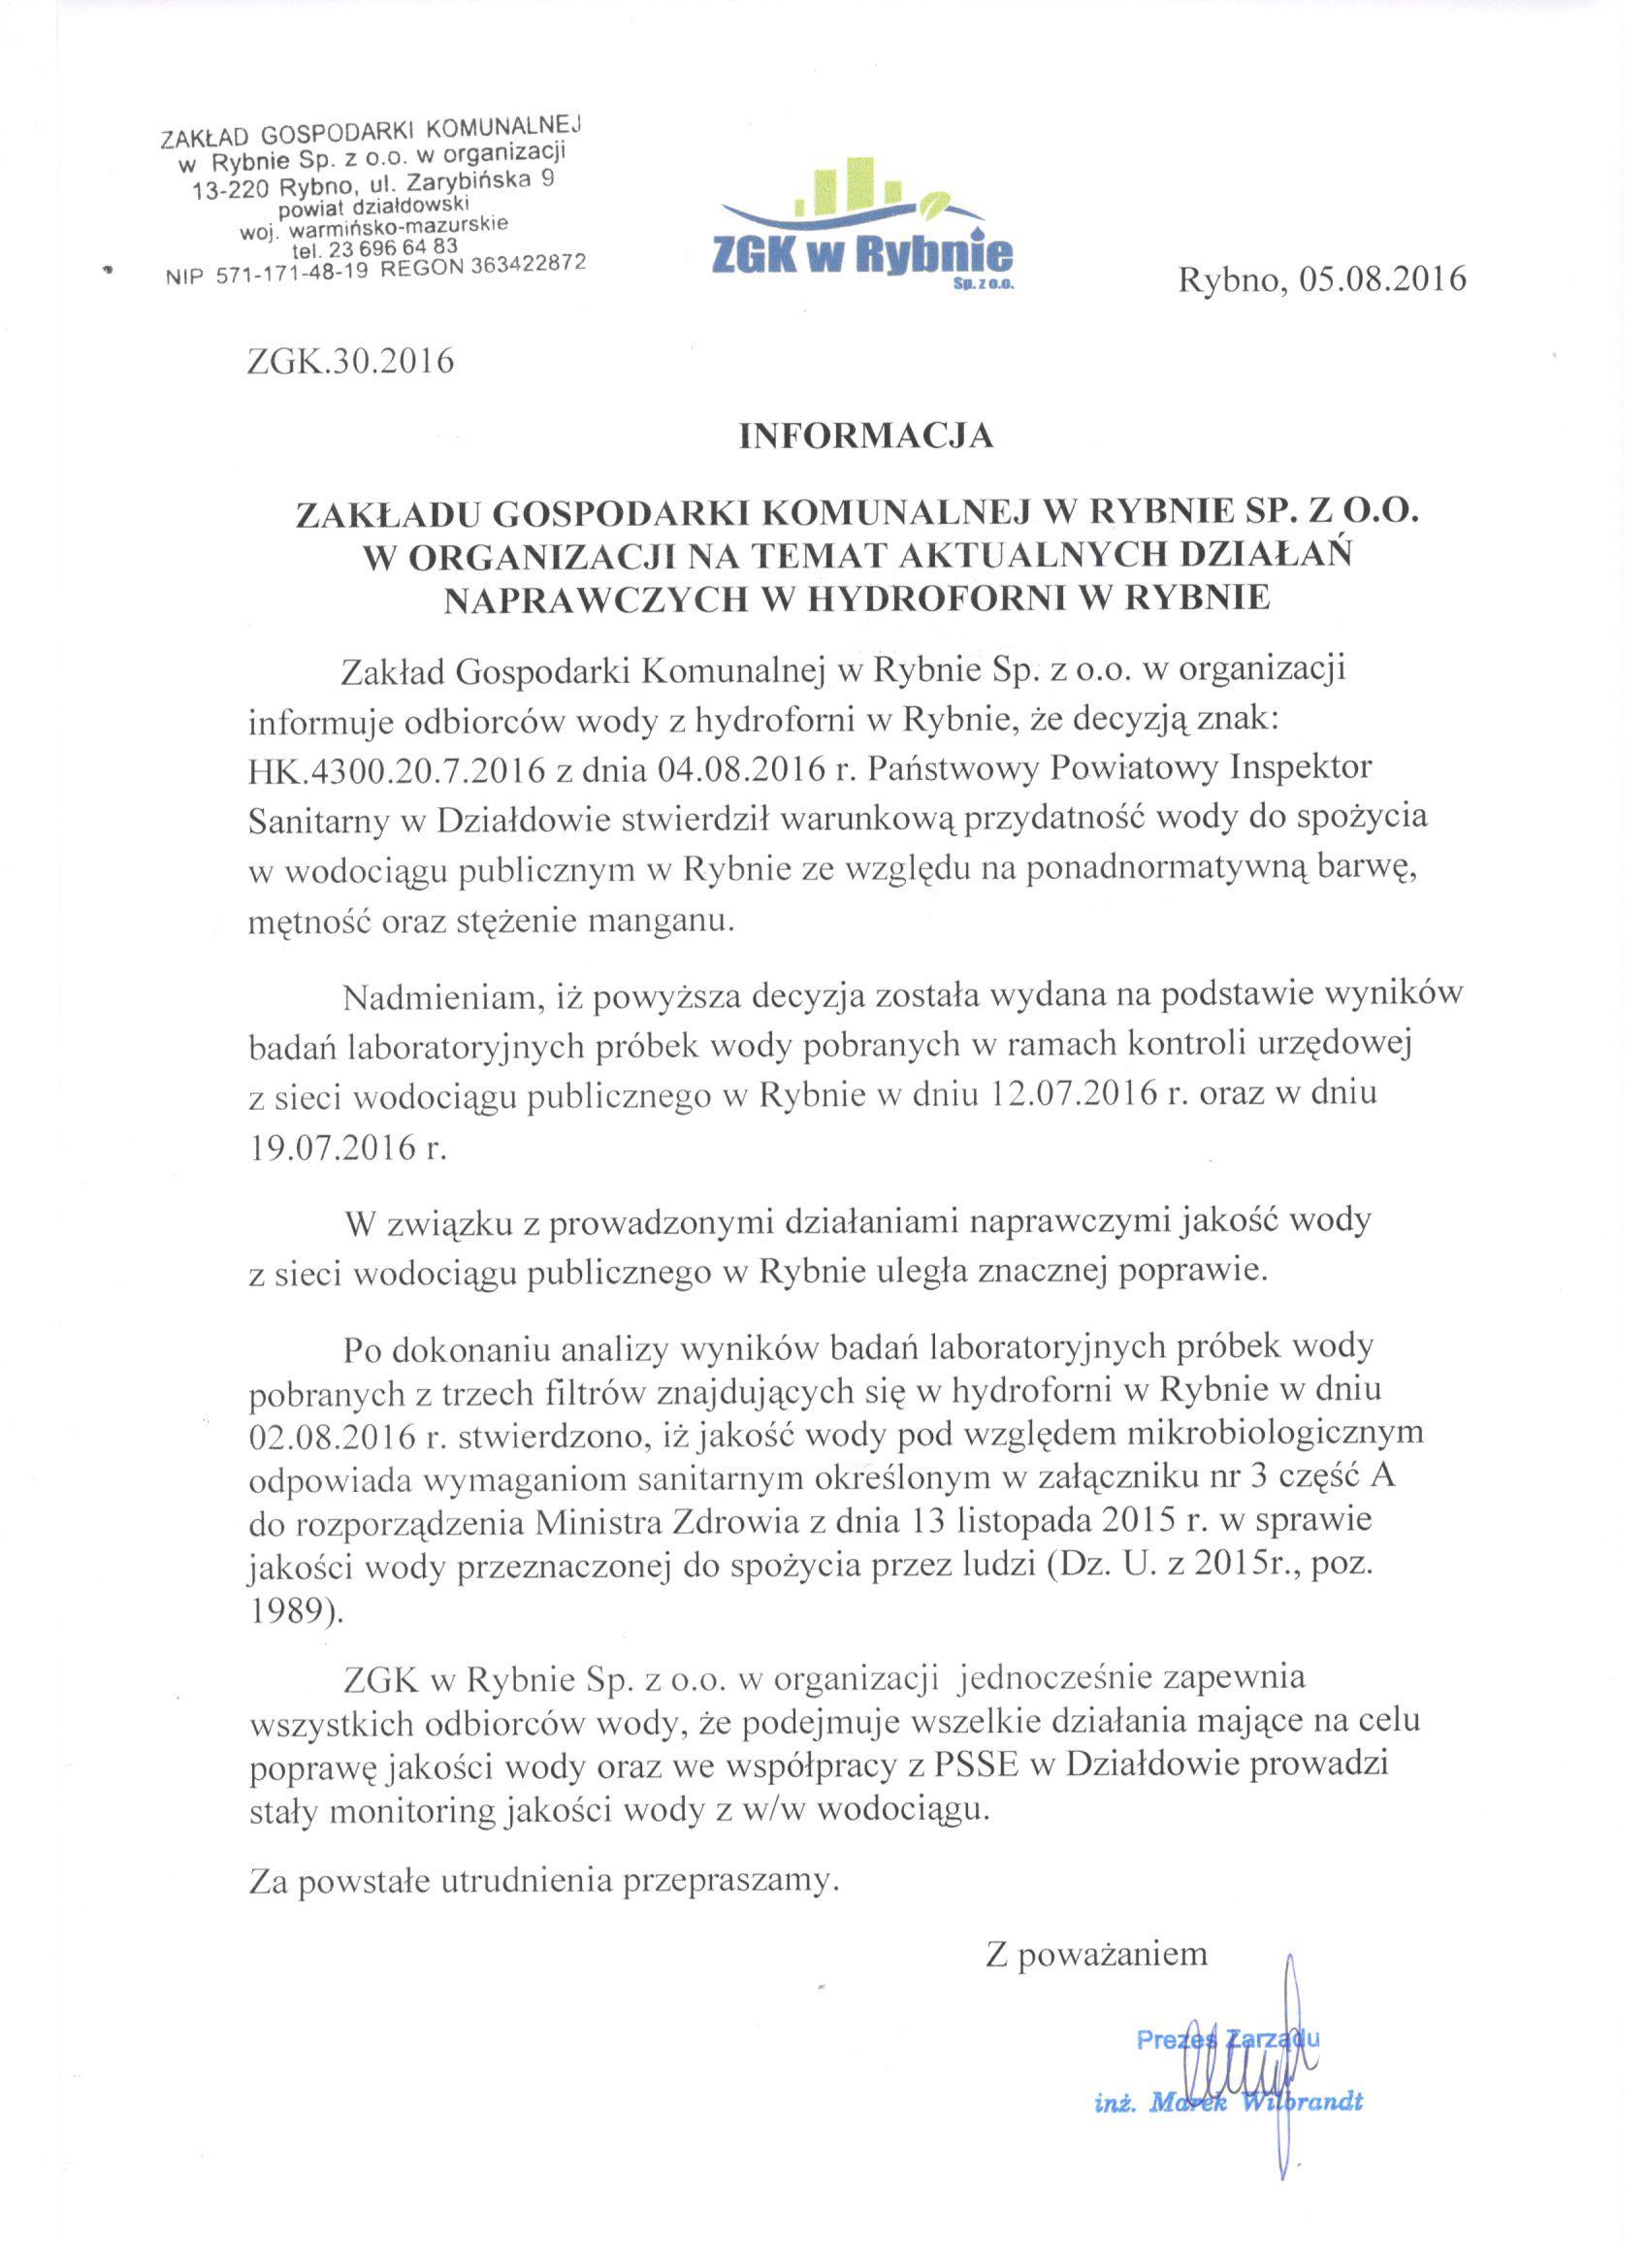 Informacja ZGK w Rybnie